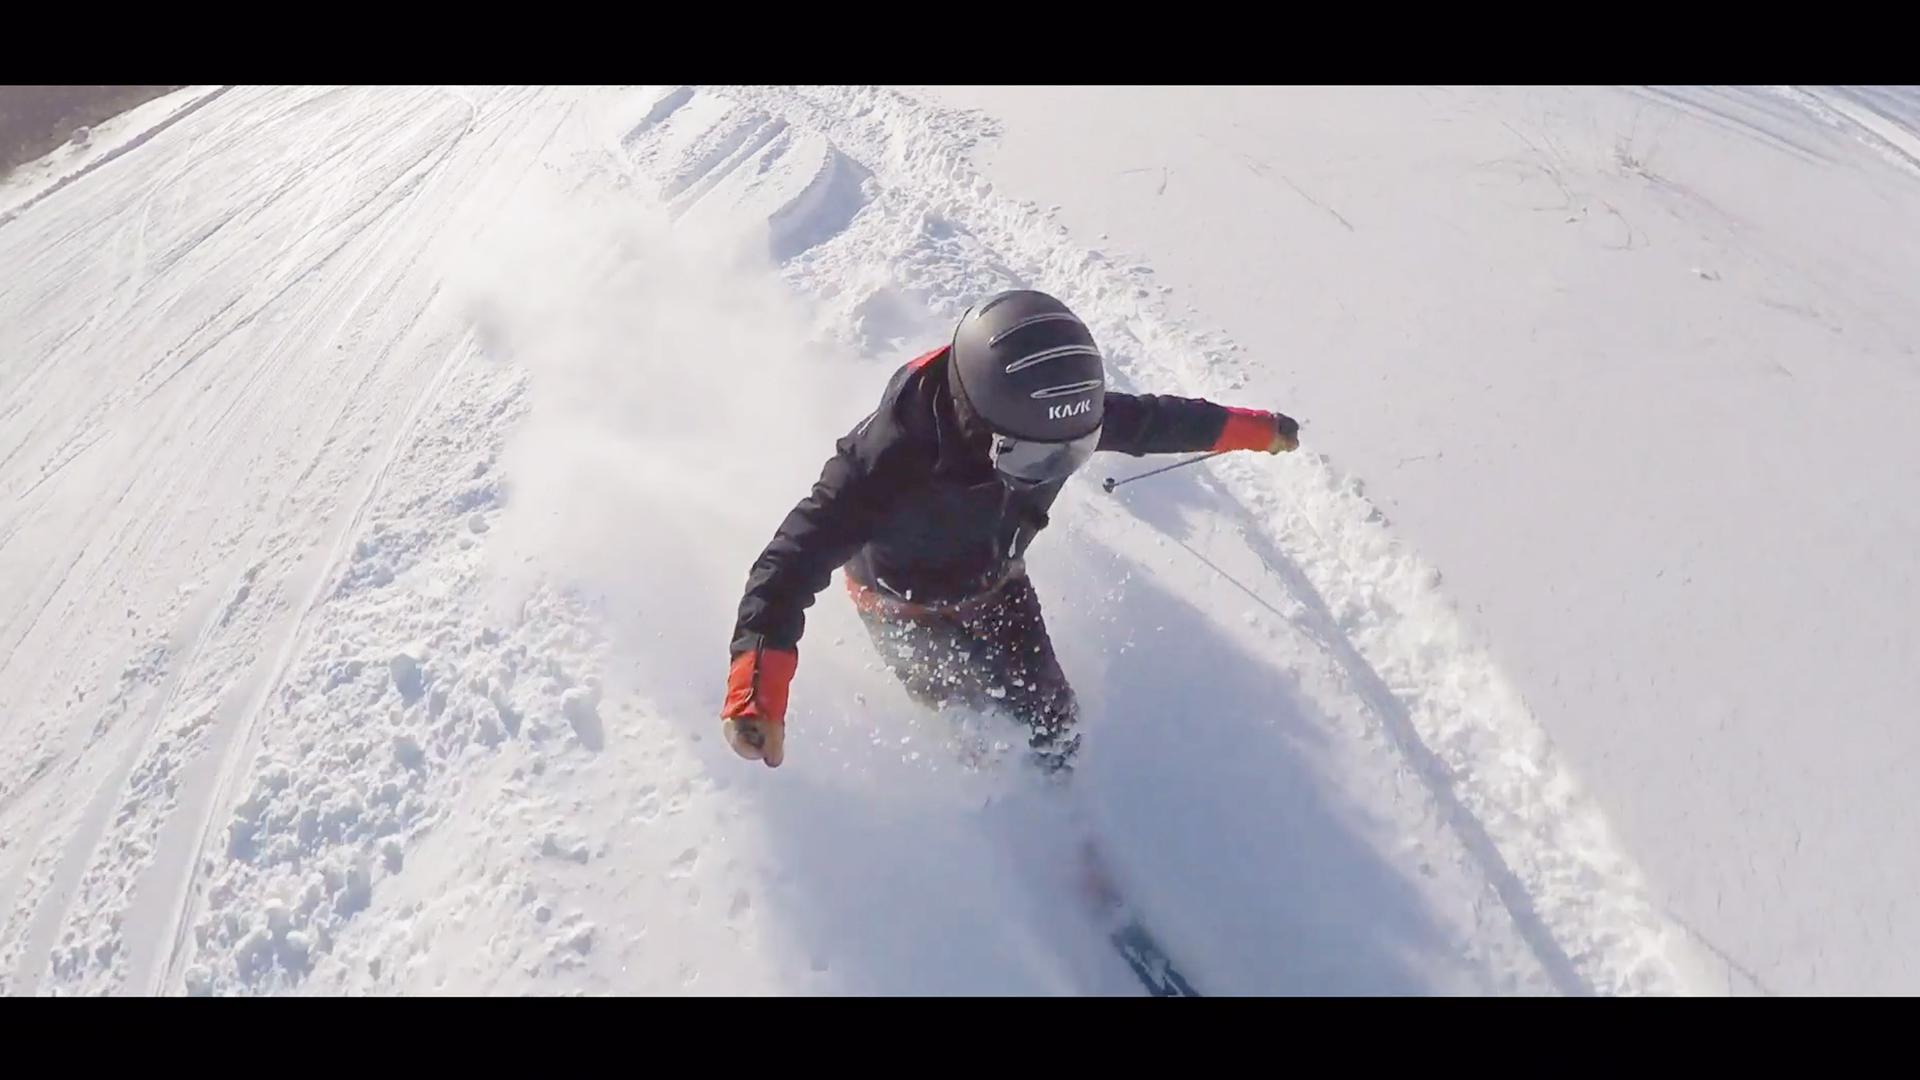 【スキー】1819シーズン初めの気持ちいい一本[Free Run]|Takehiro Saito